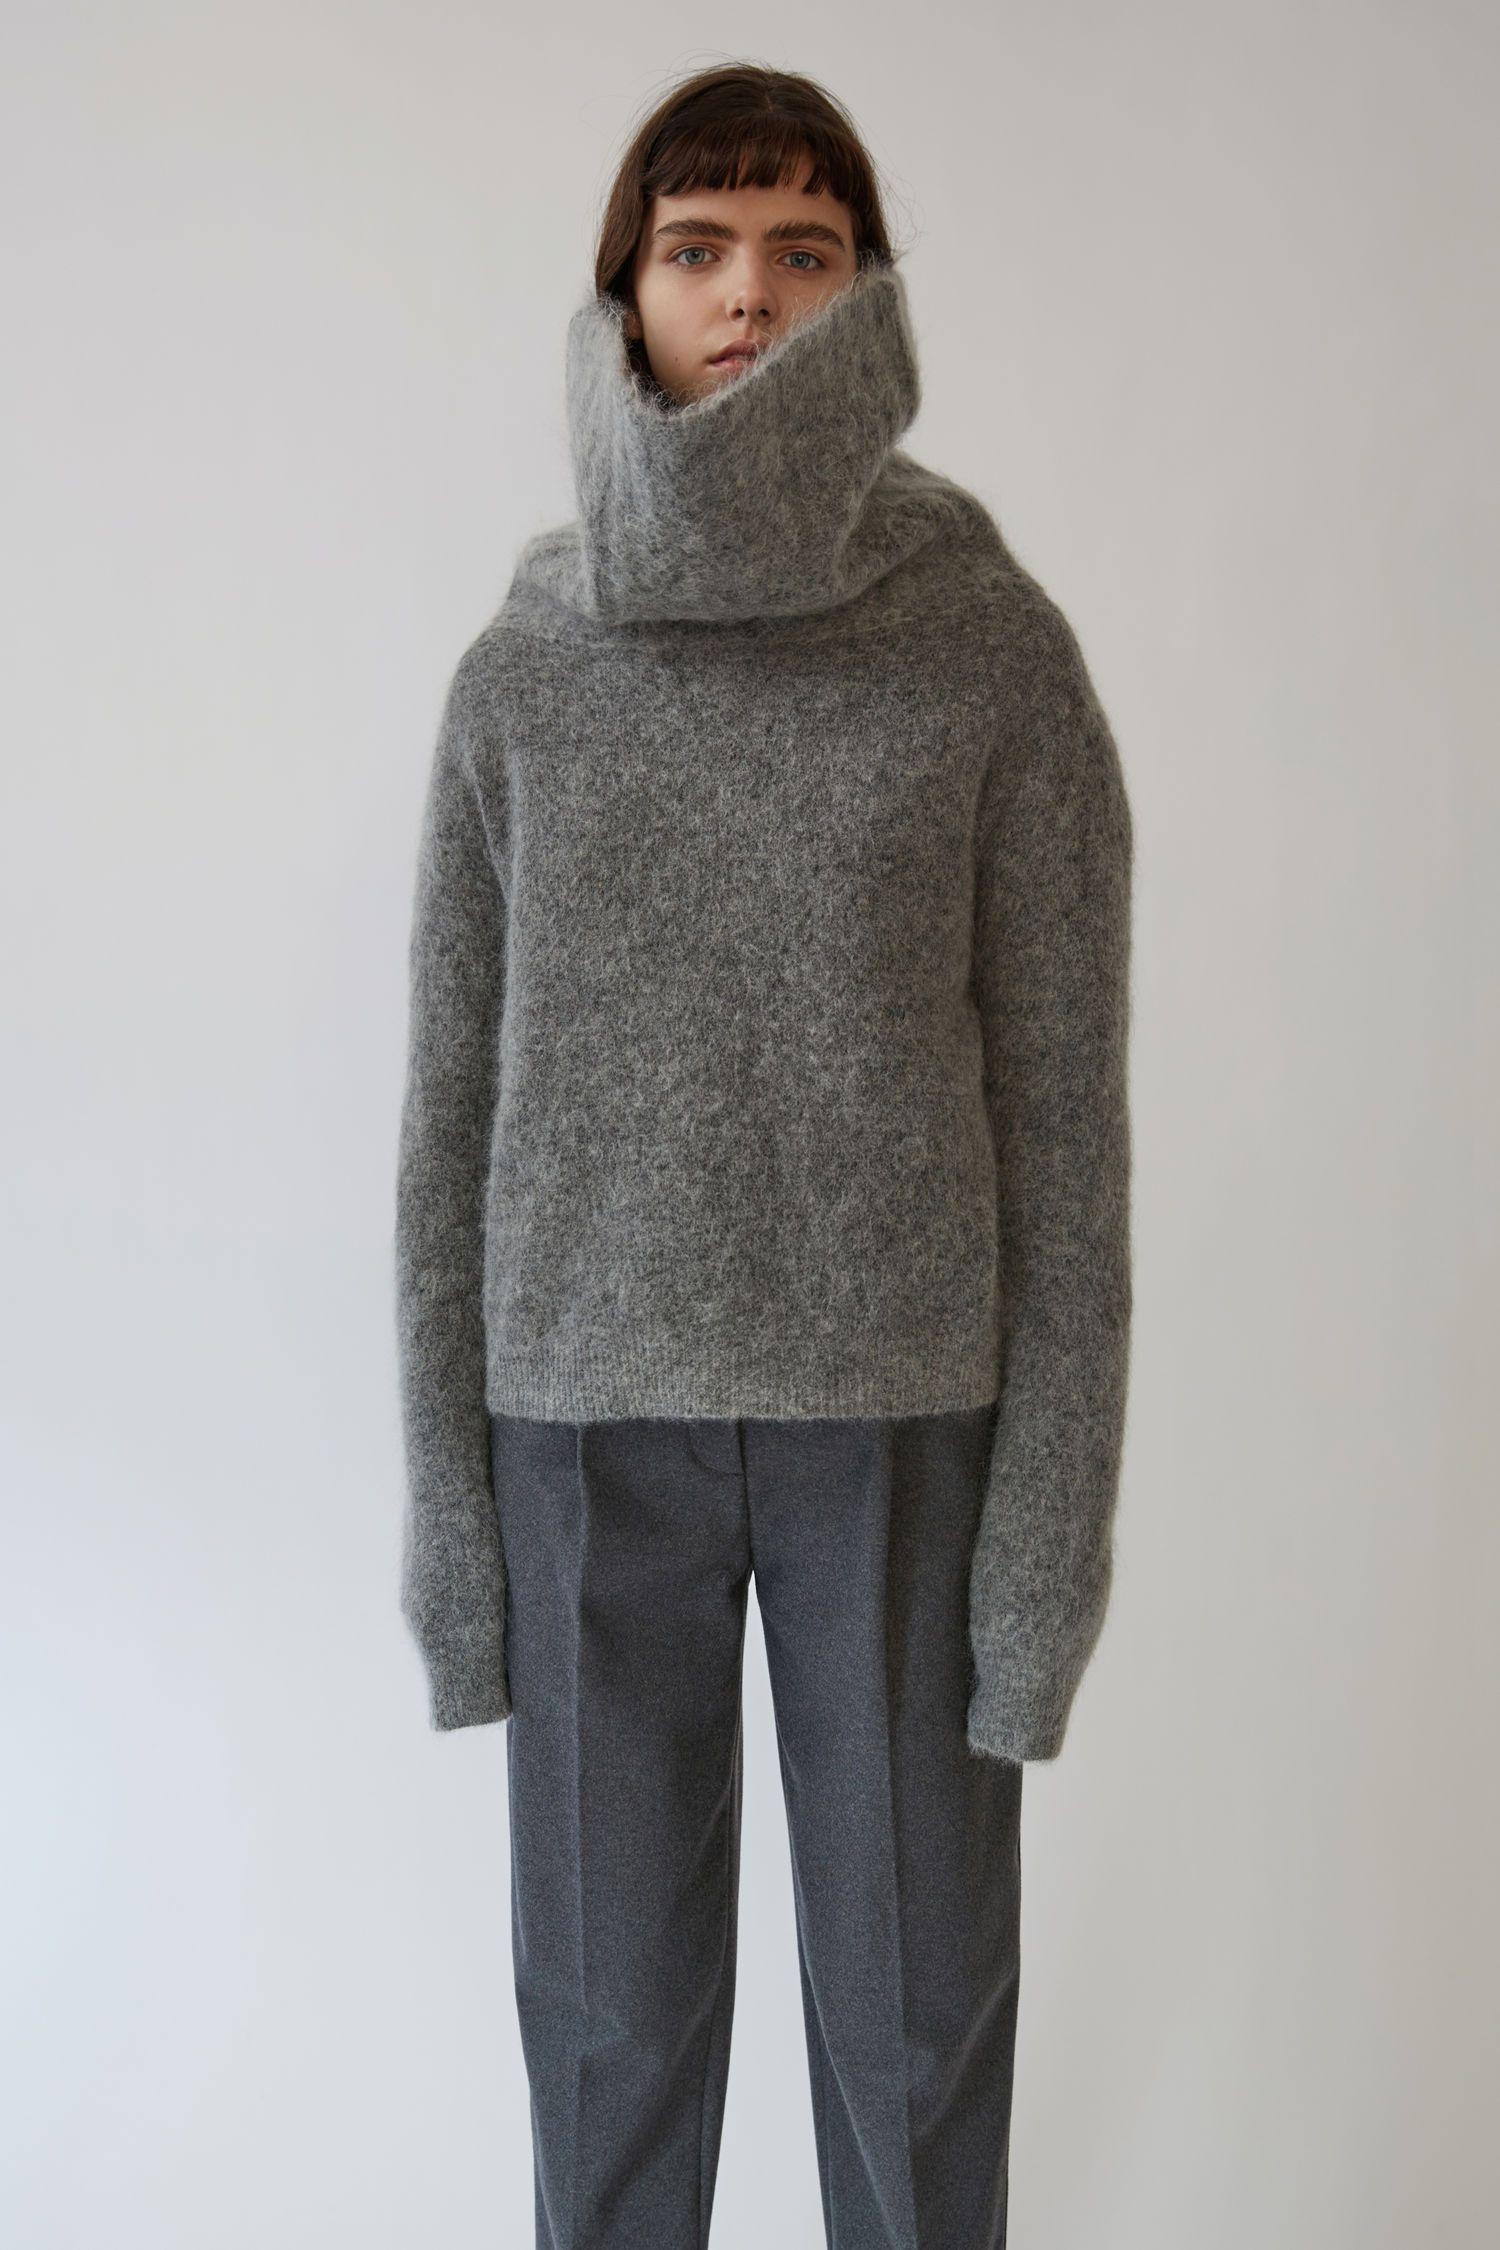 Acne Studios Raze Mohair Mélange de gris 1500x 001   Turtleneck ... 483f6cbb955